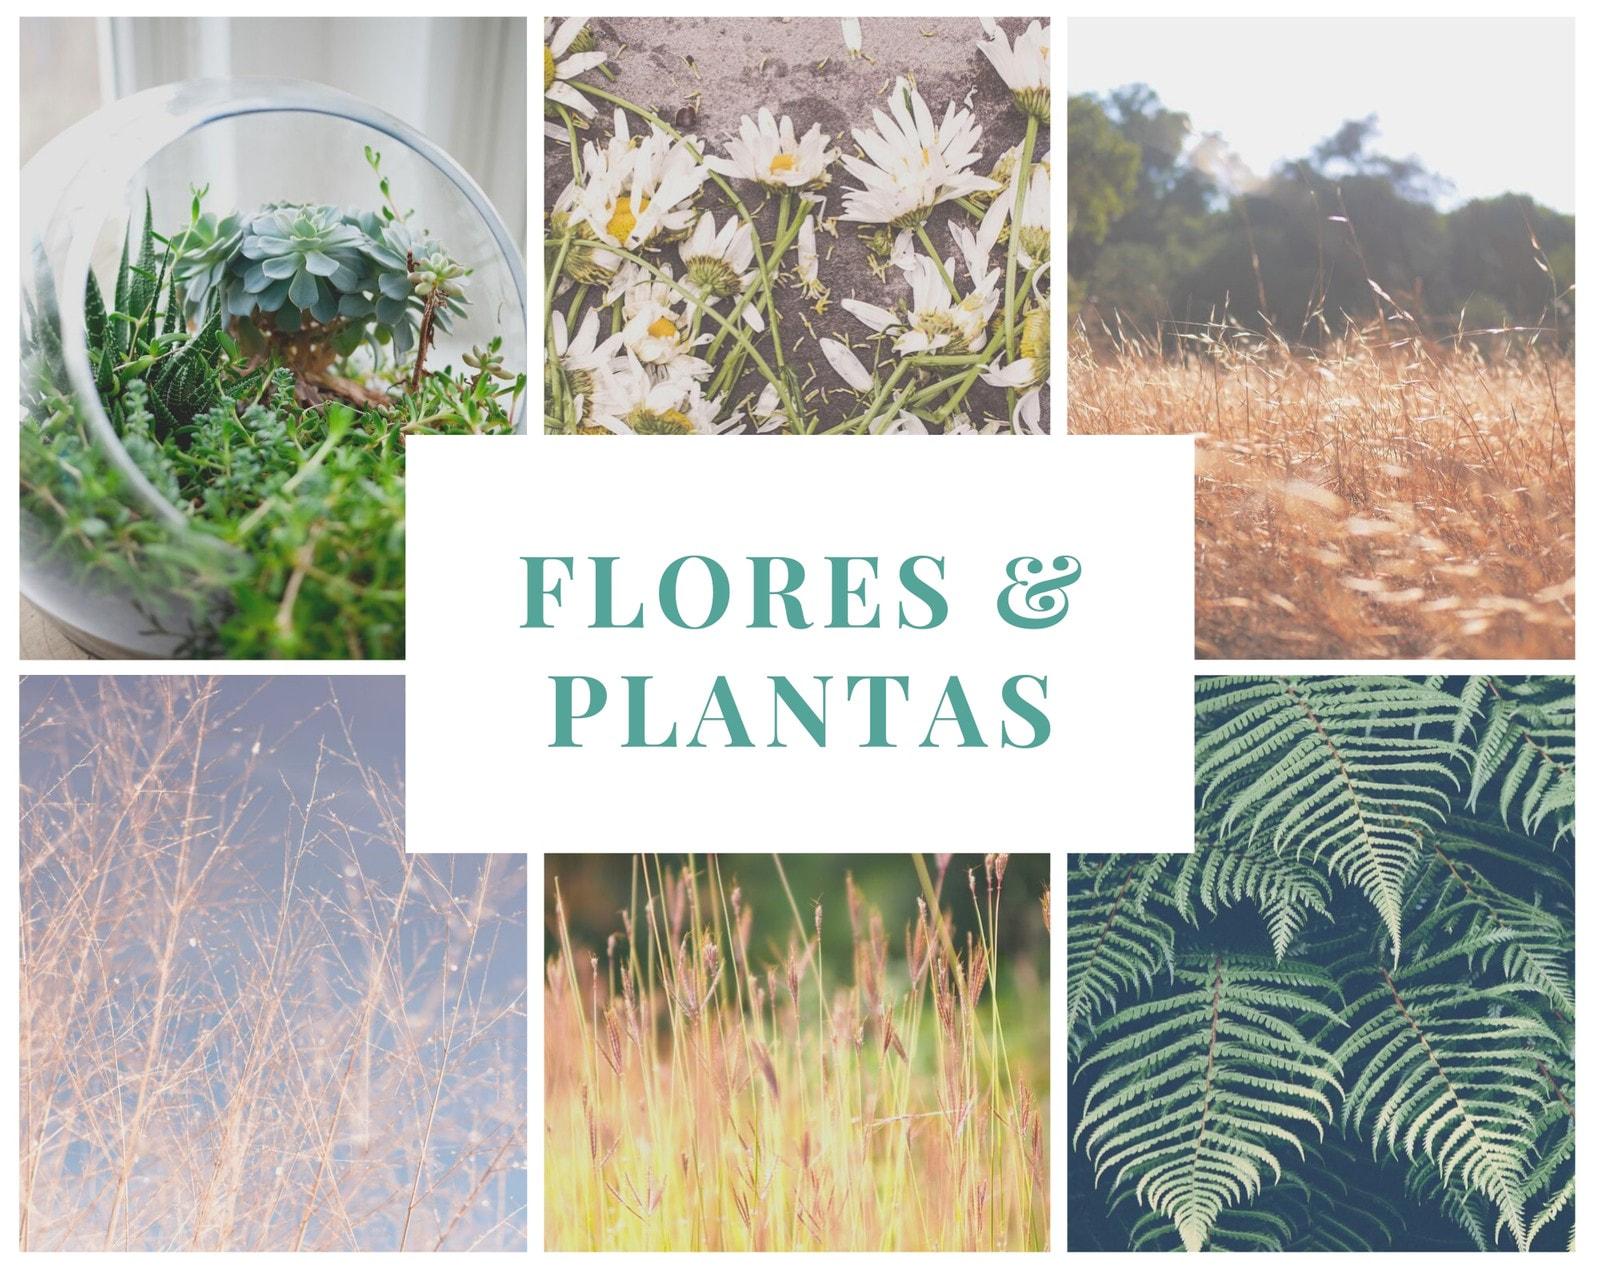 Verde Blanco Plantas Flores Cuadro Borde Foto Collage